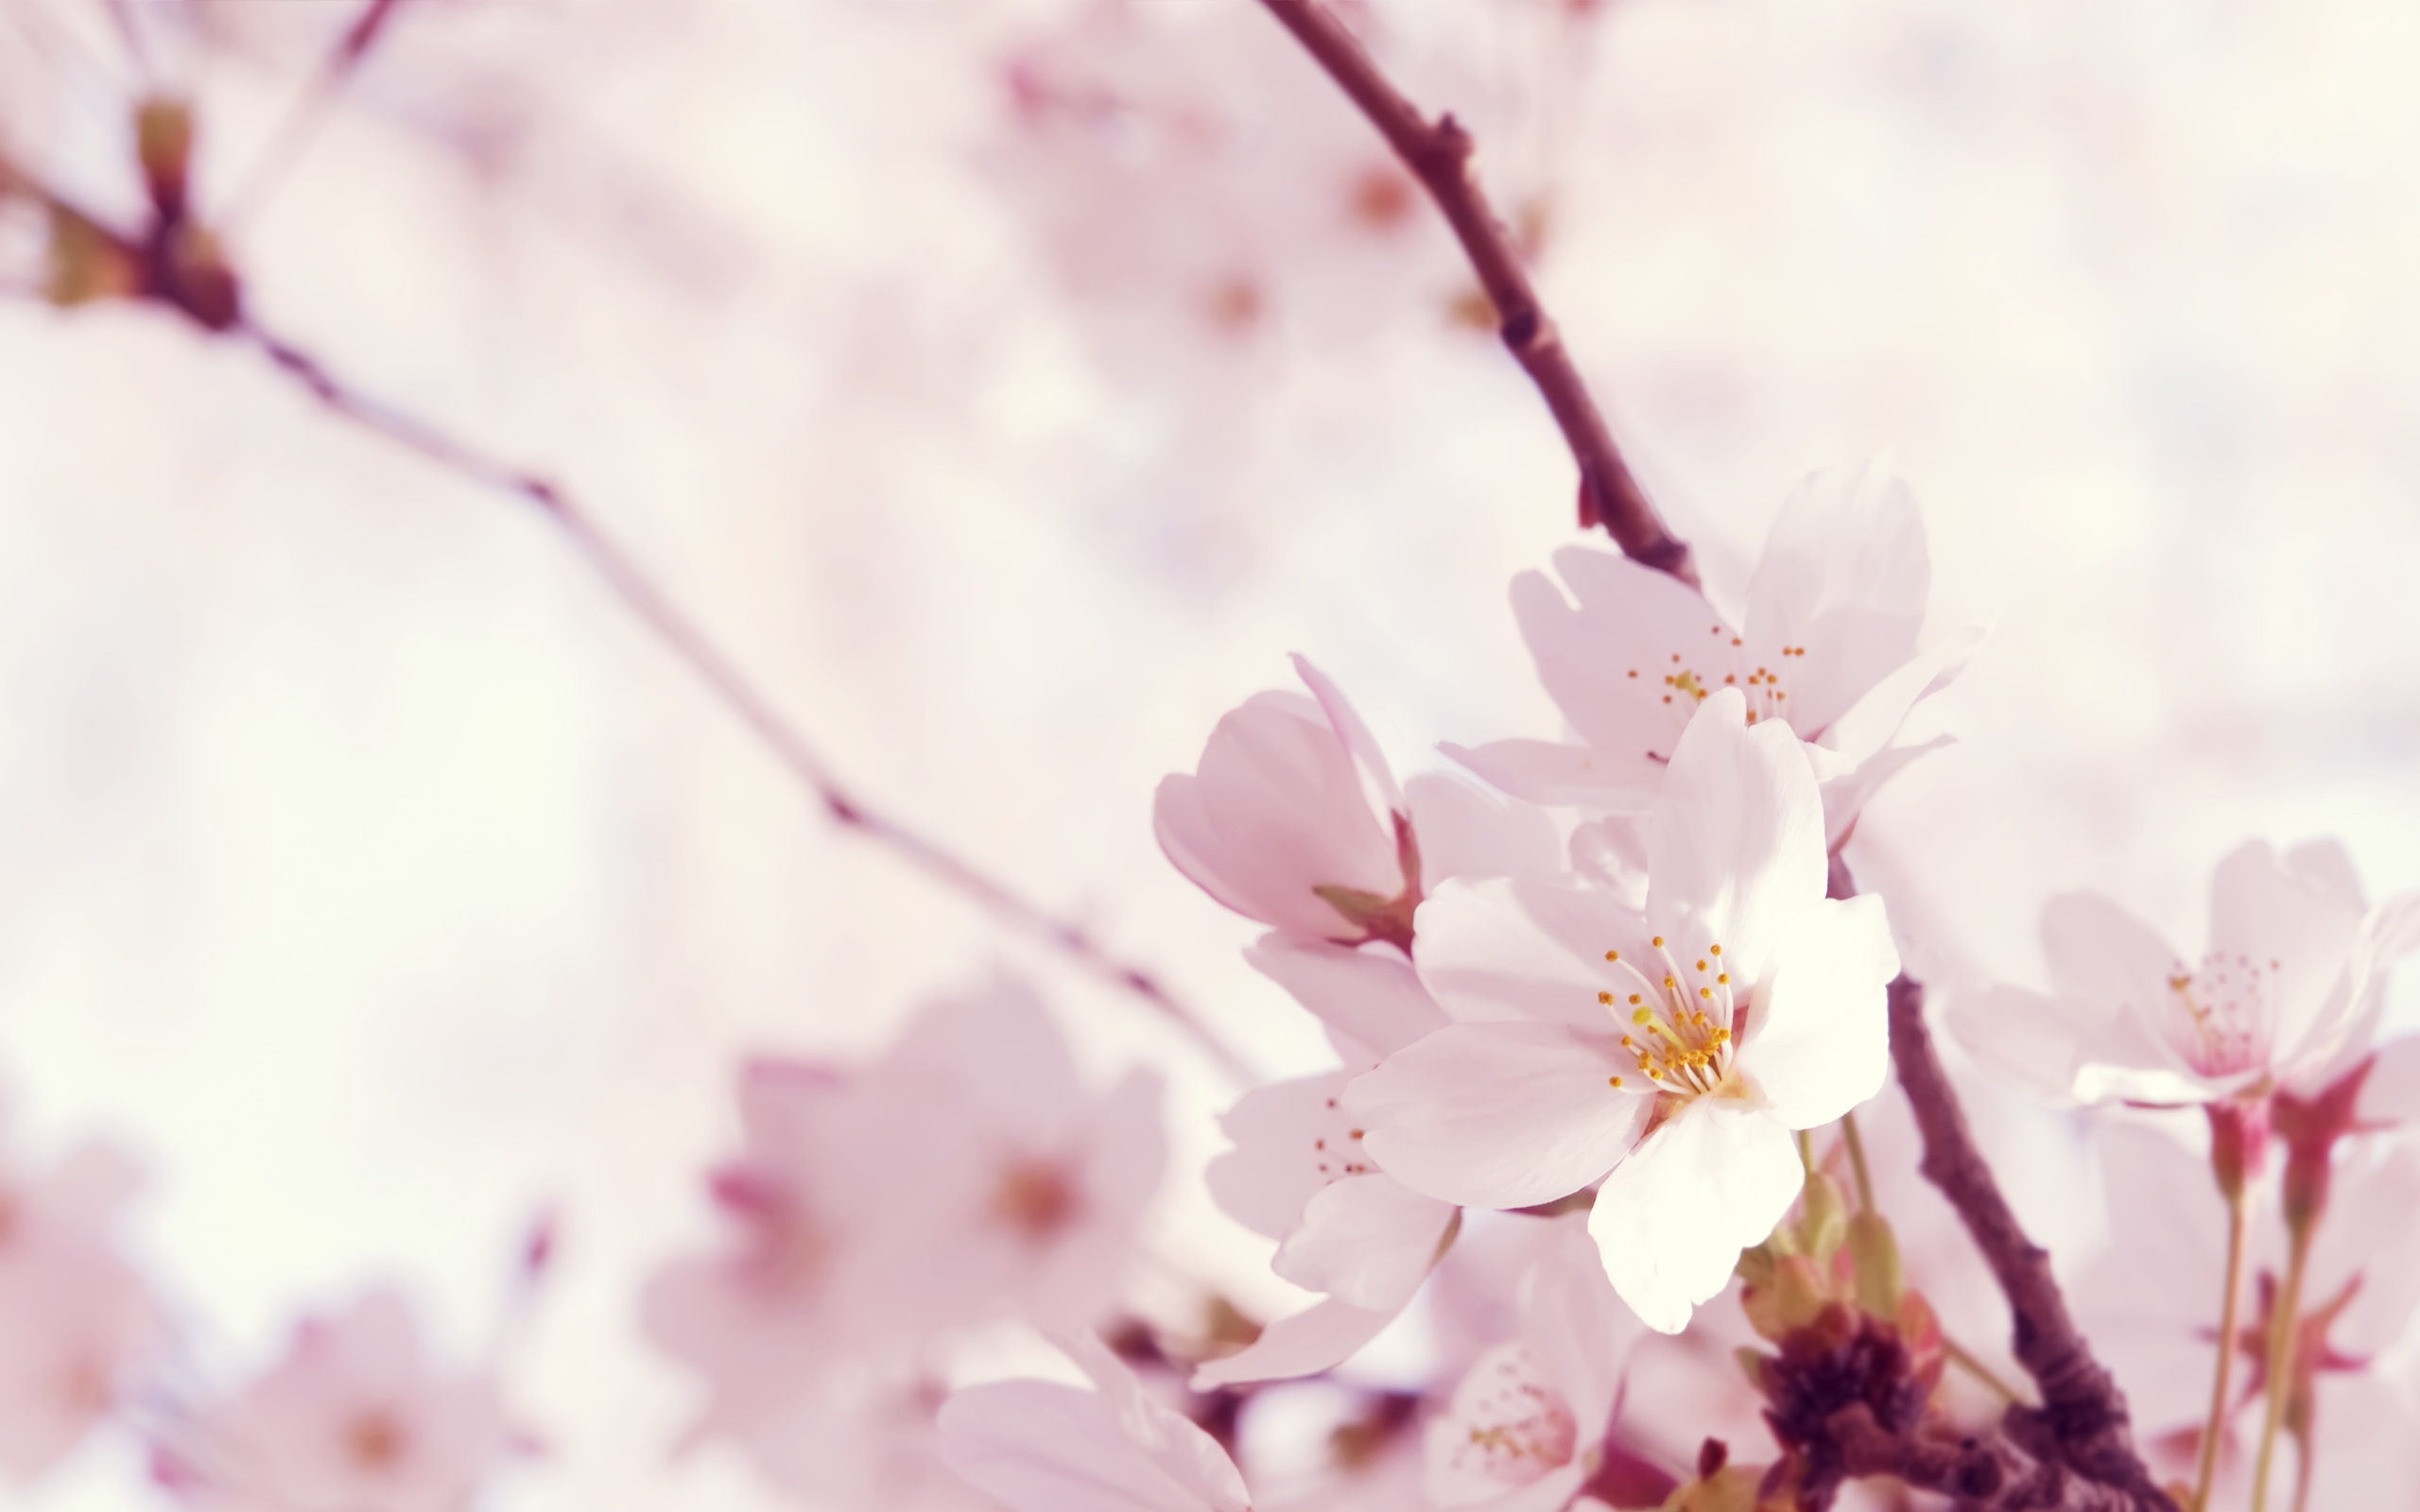 нежные цветочки на ветке  № 1333966 бесплатно